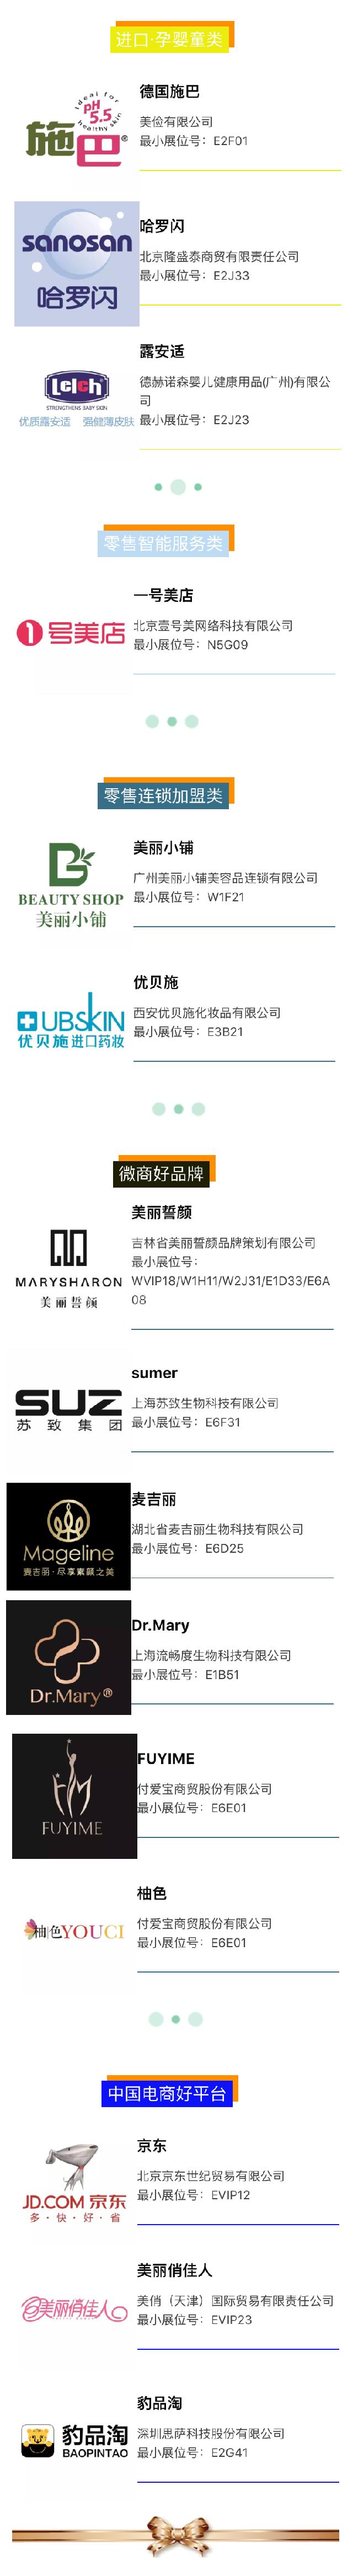 05进口孕婴童+零售智能服务+零售连锁加盟+微商+中国电商好平台.png